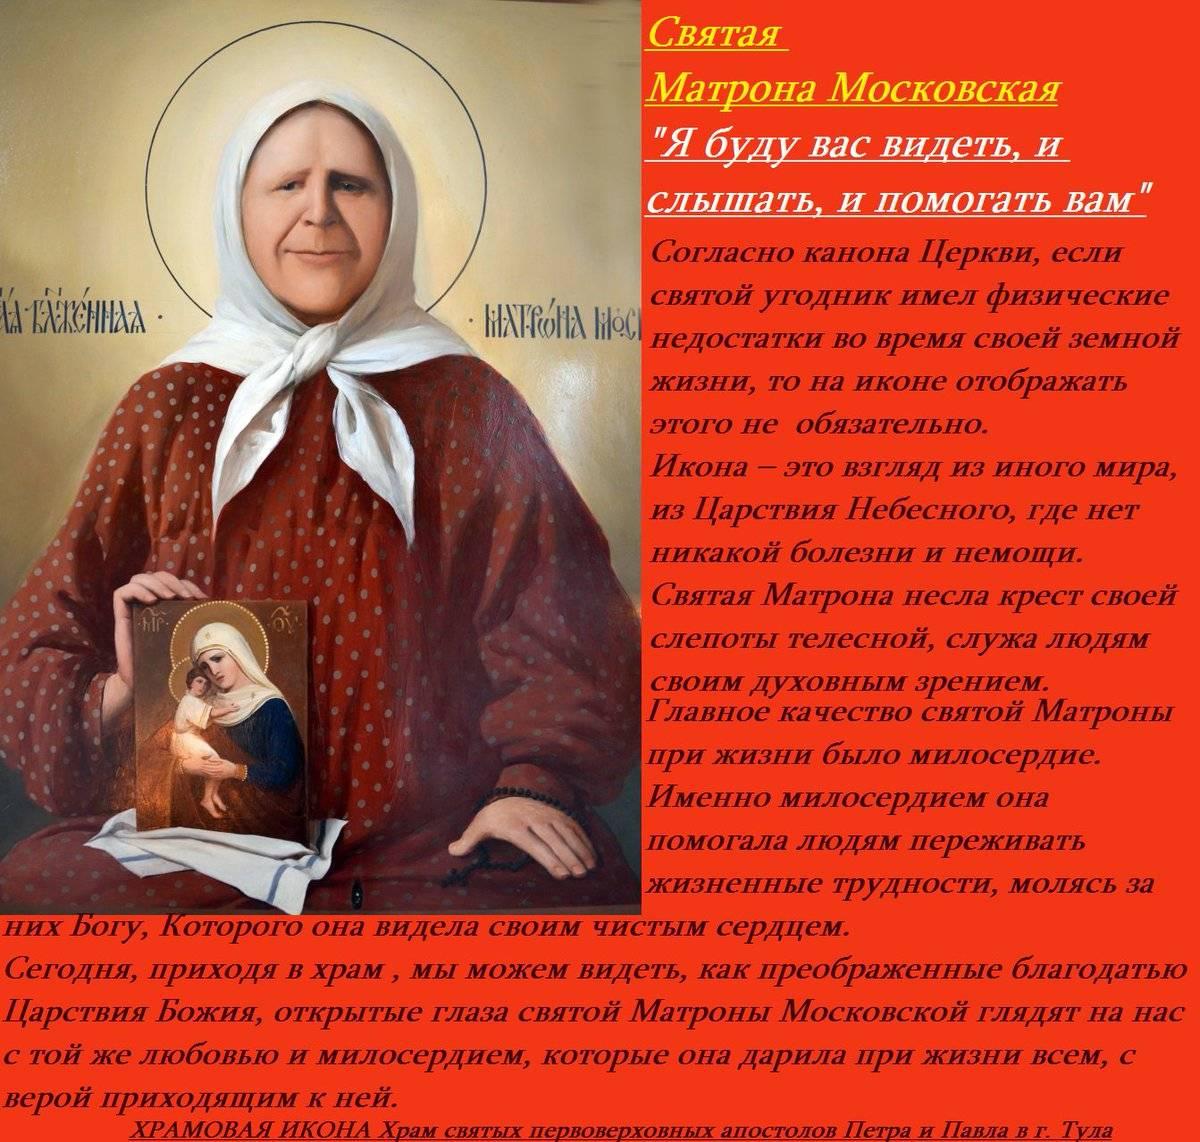 Биография матроны московской. предсказания и помощь